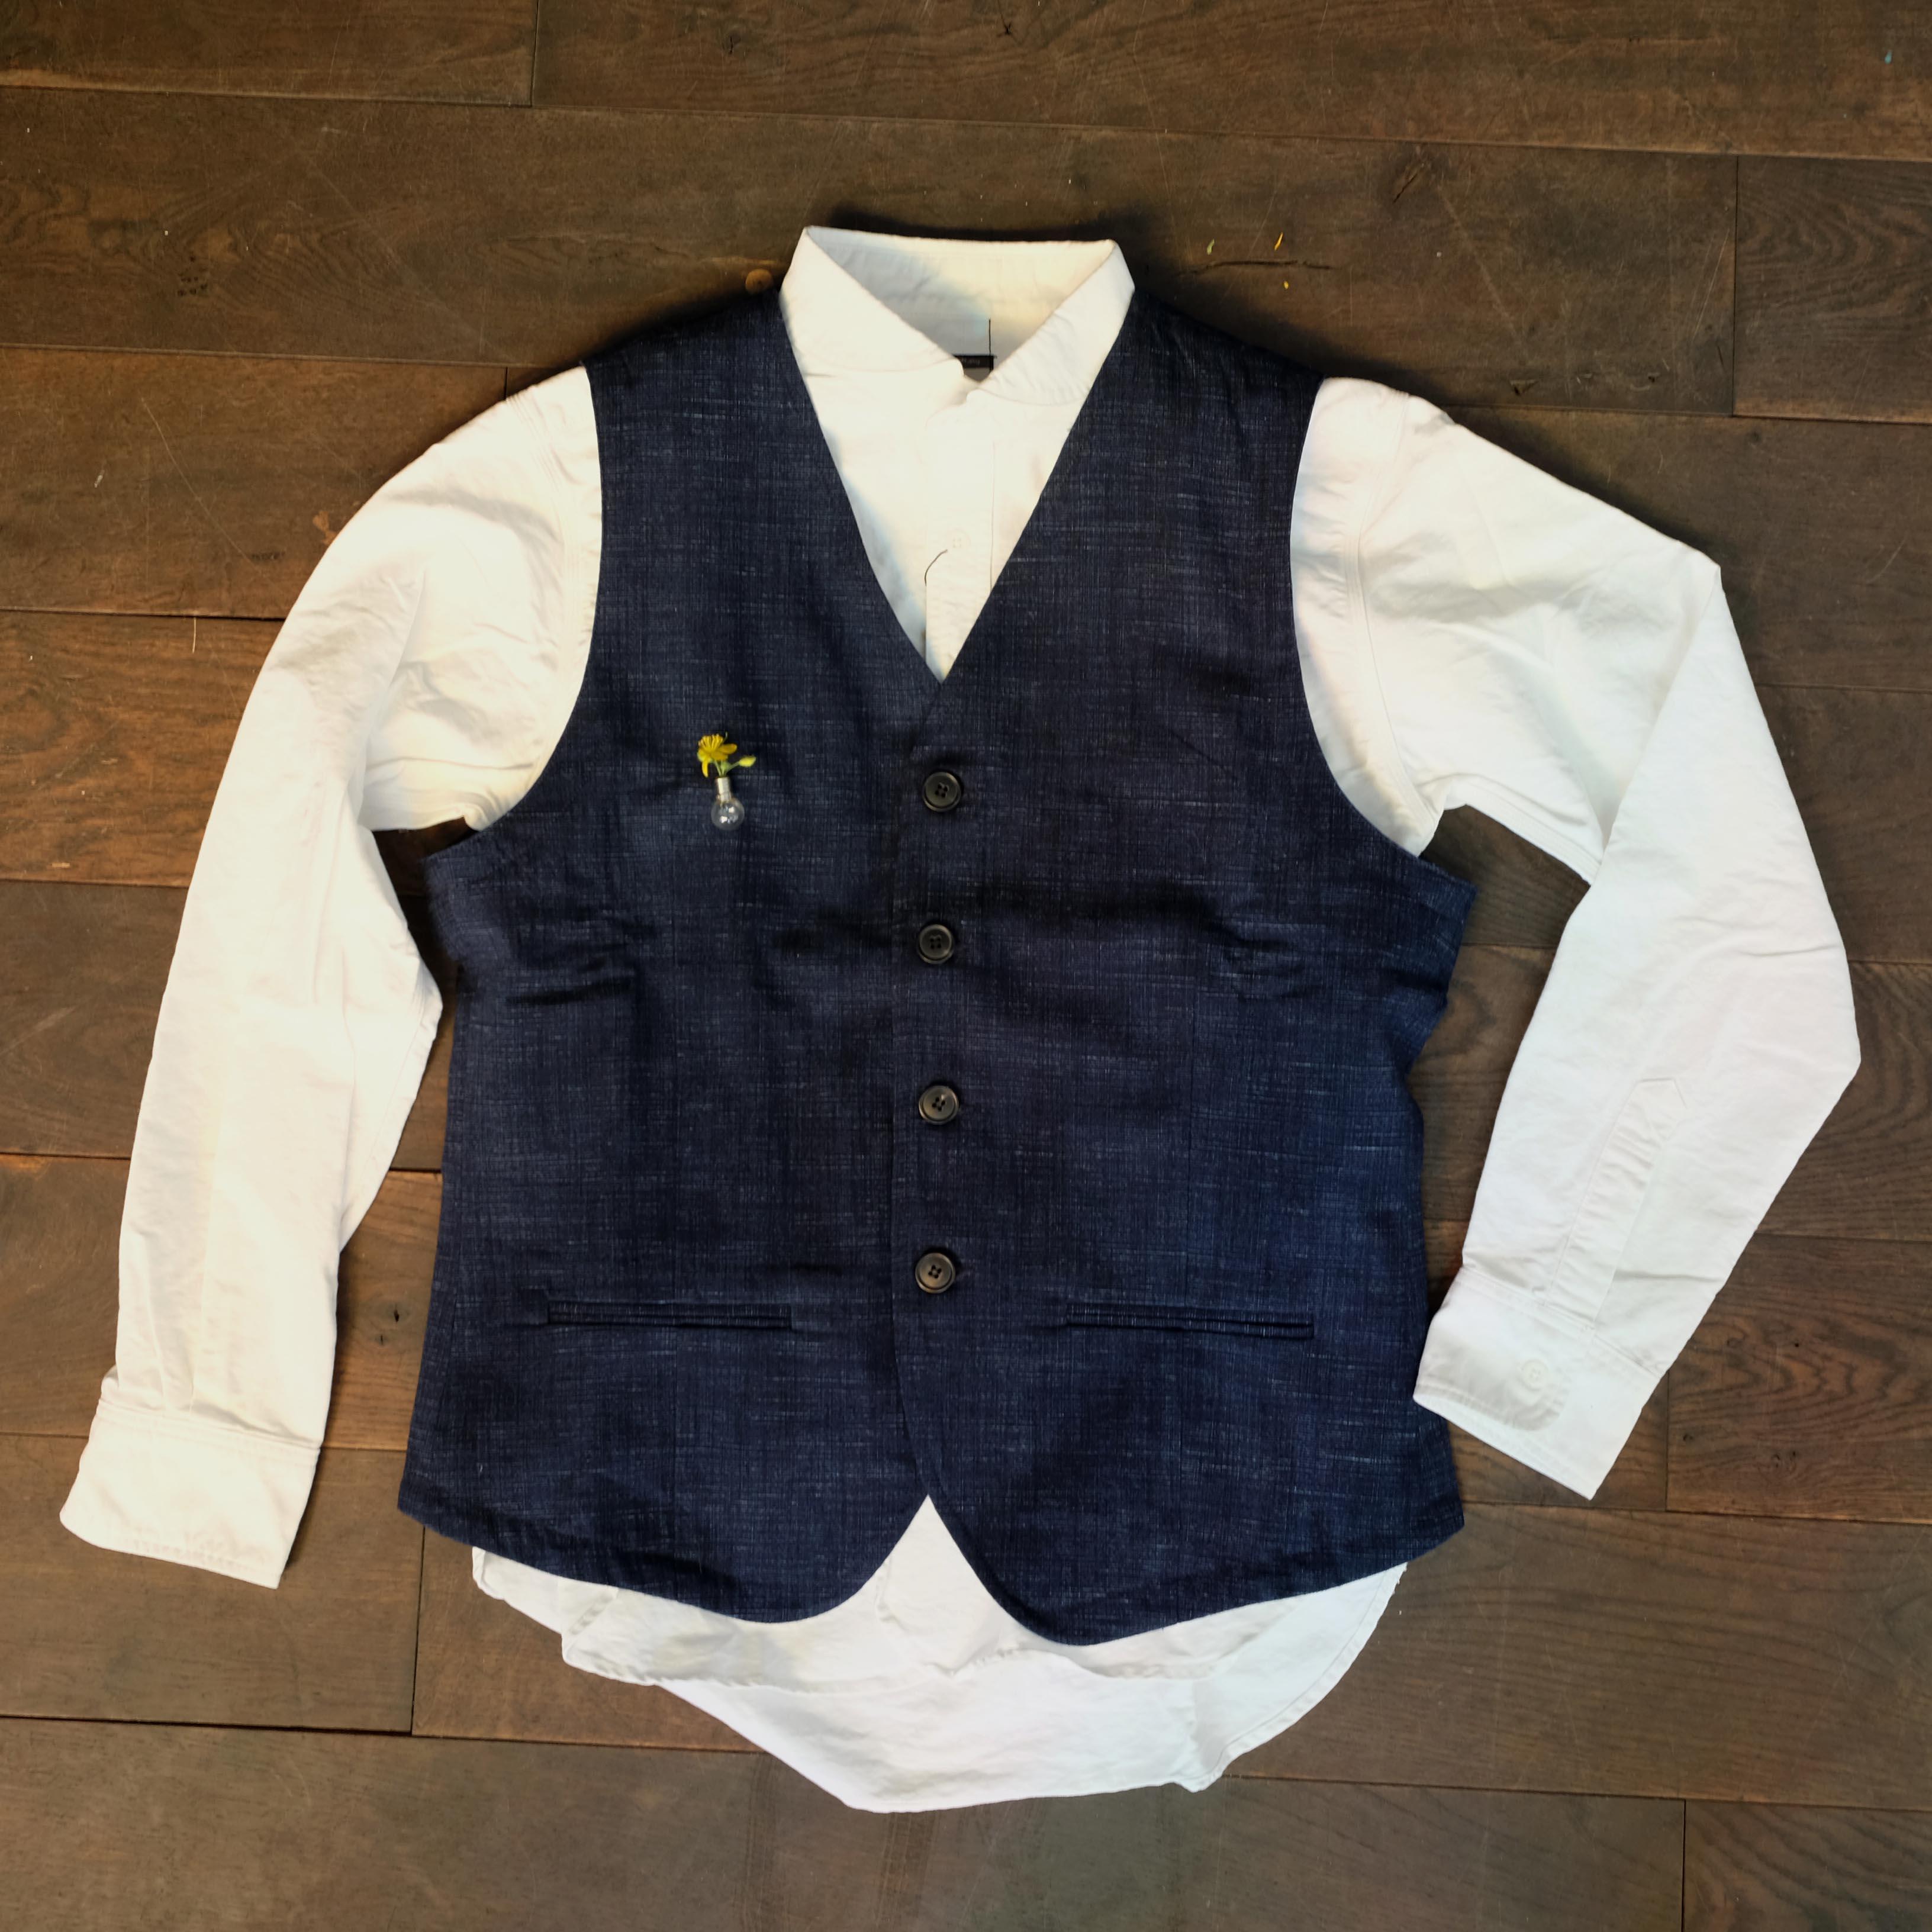 hansen-weste-momotaro-hemd-01